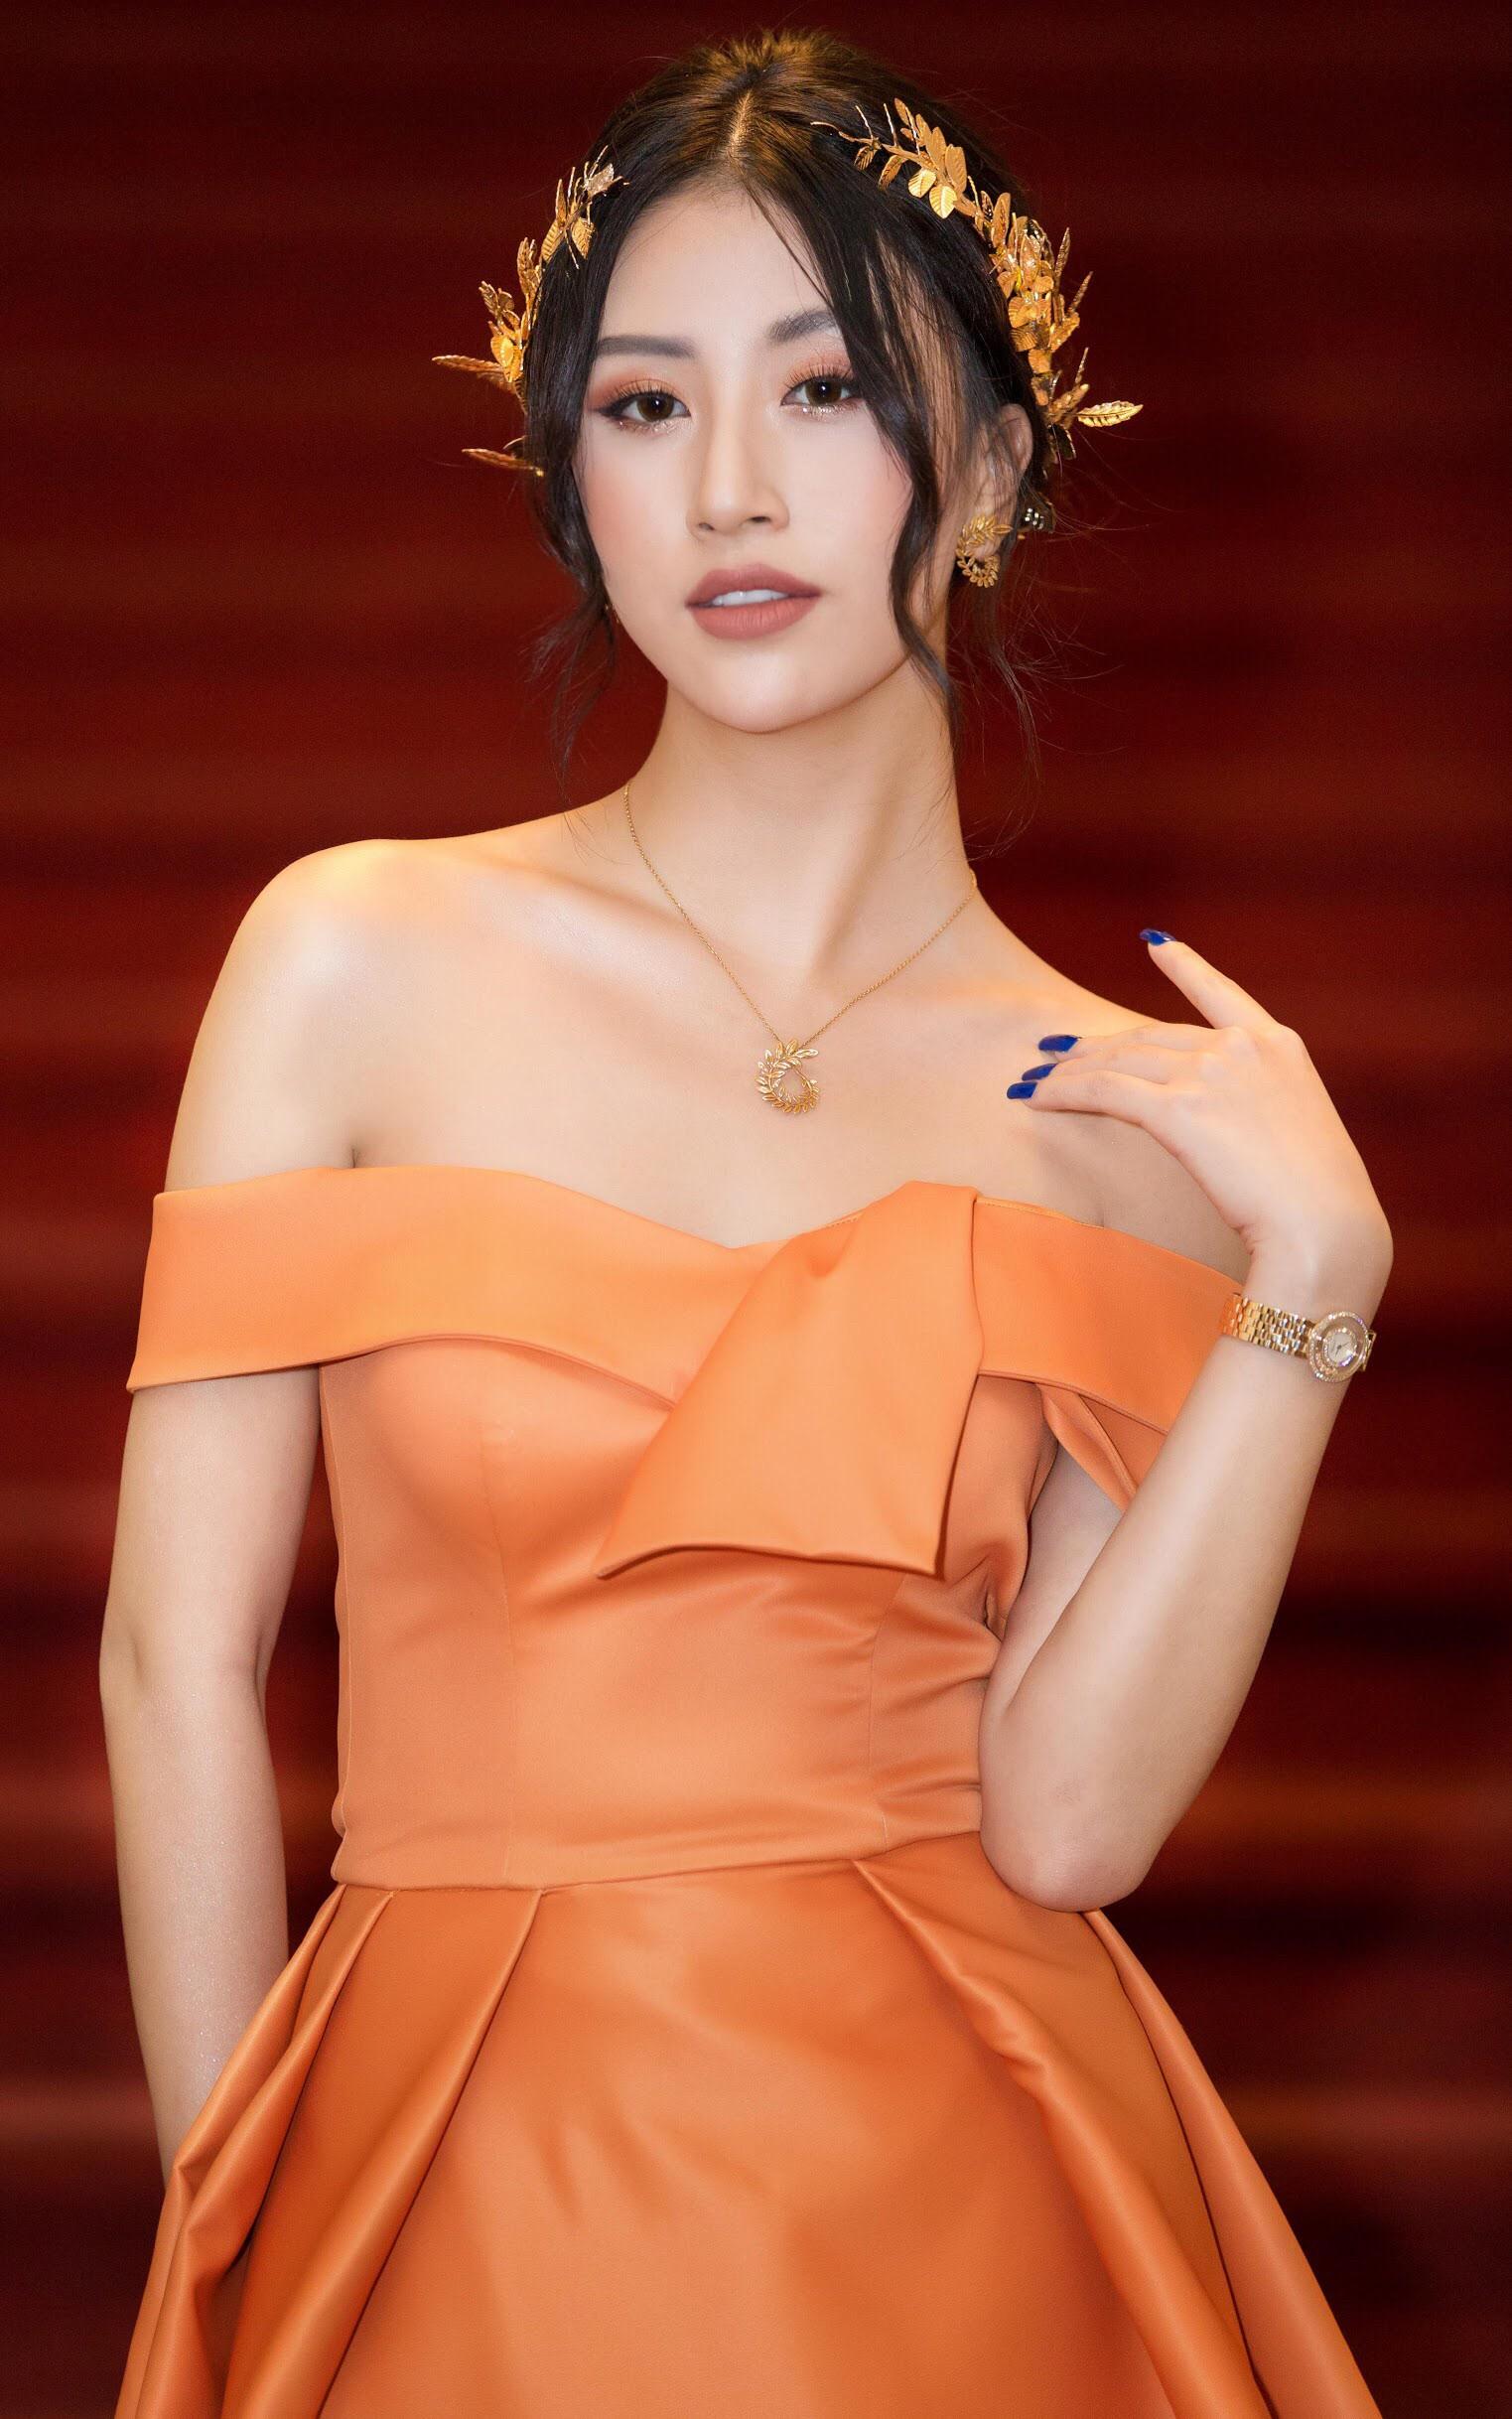 Quỳnh Anh Shyn lại công phá thảm đỏ với trang phục lộng lẫy, đeo bộ trang sức hơn 1 tỷ đồng - Ảnh 2.